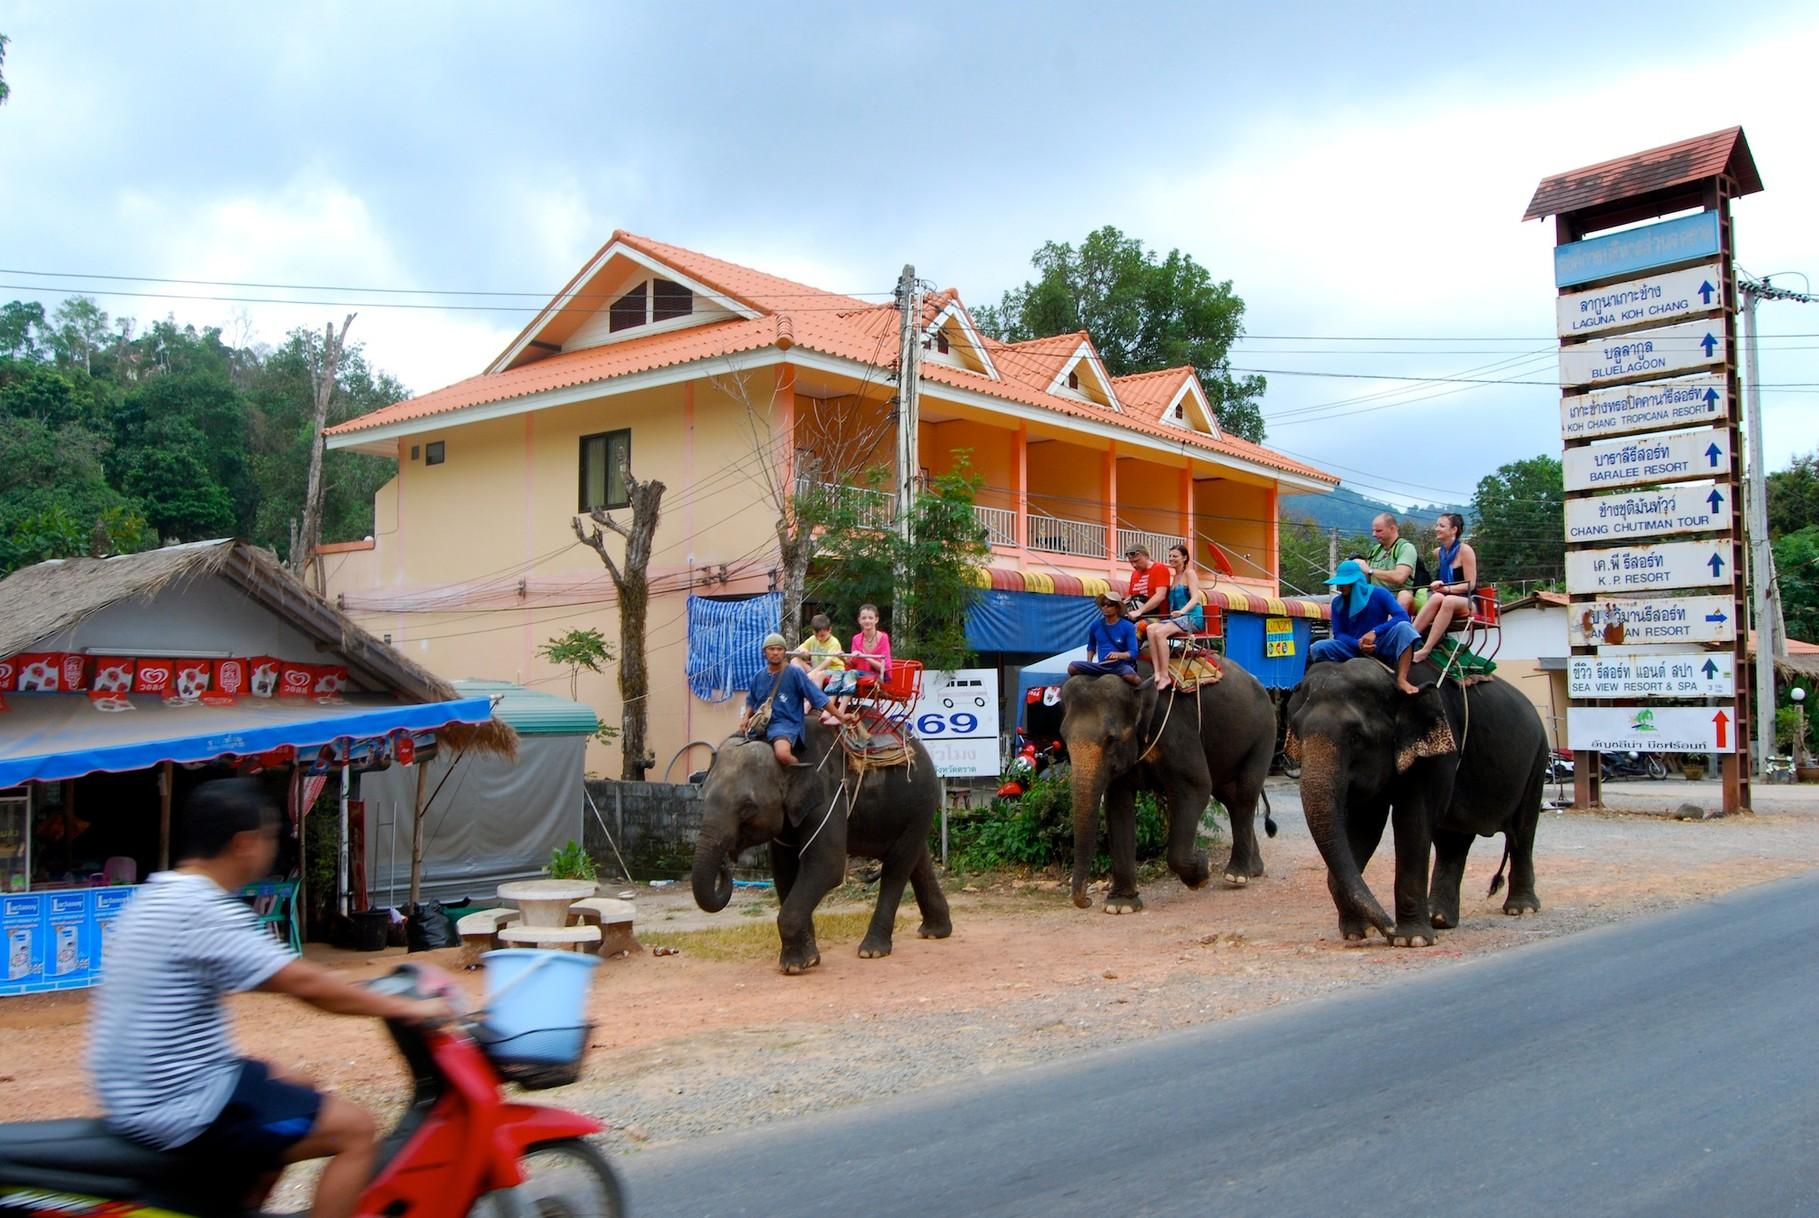 """Deshalb heißt die Insel Koh Chang (= """"Elefanten-Insel"""")"""